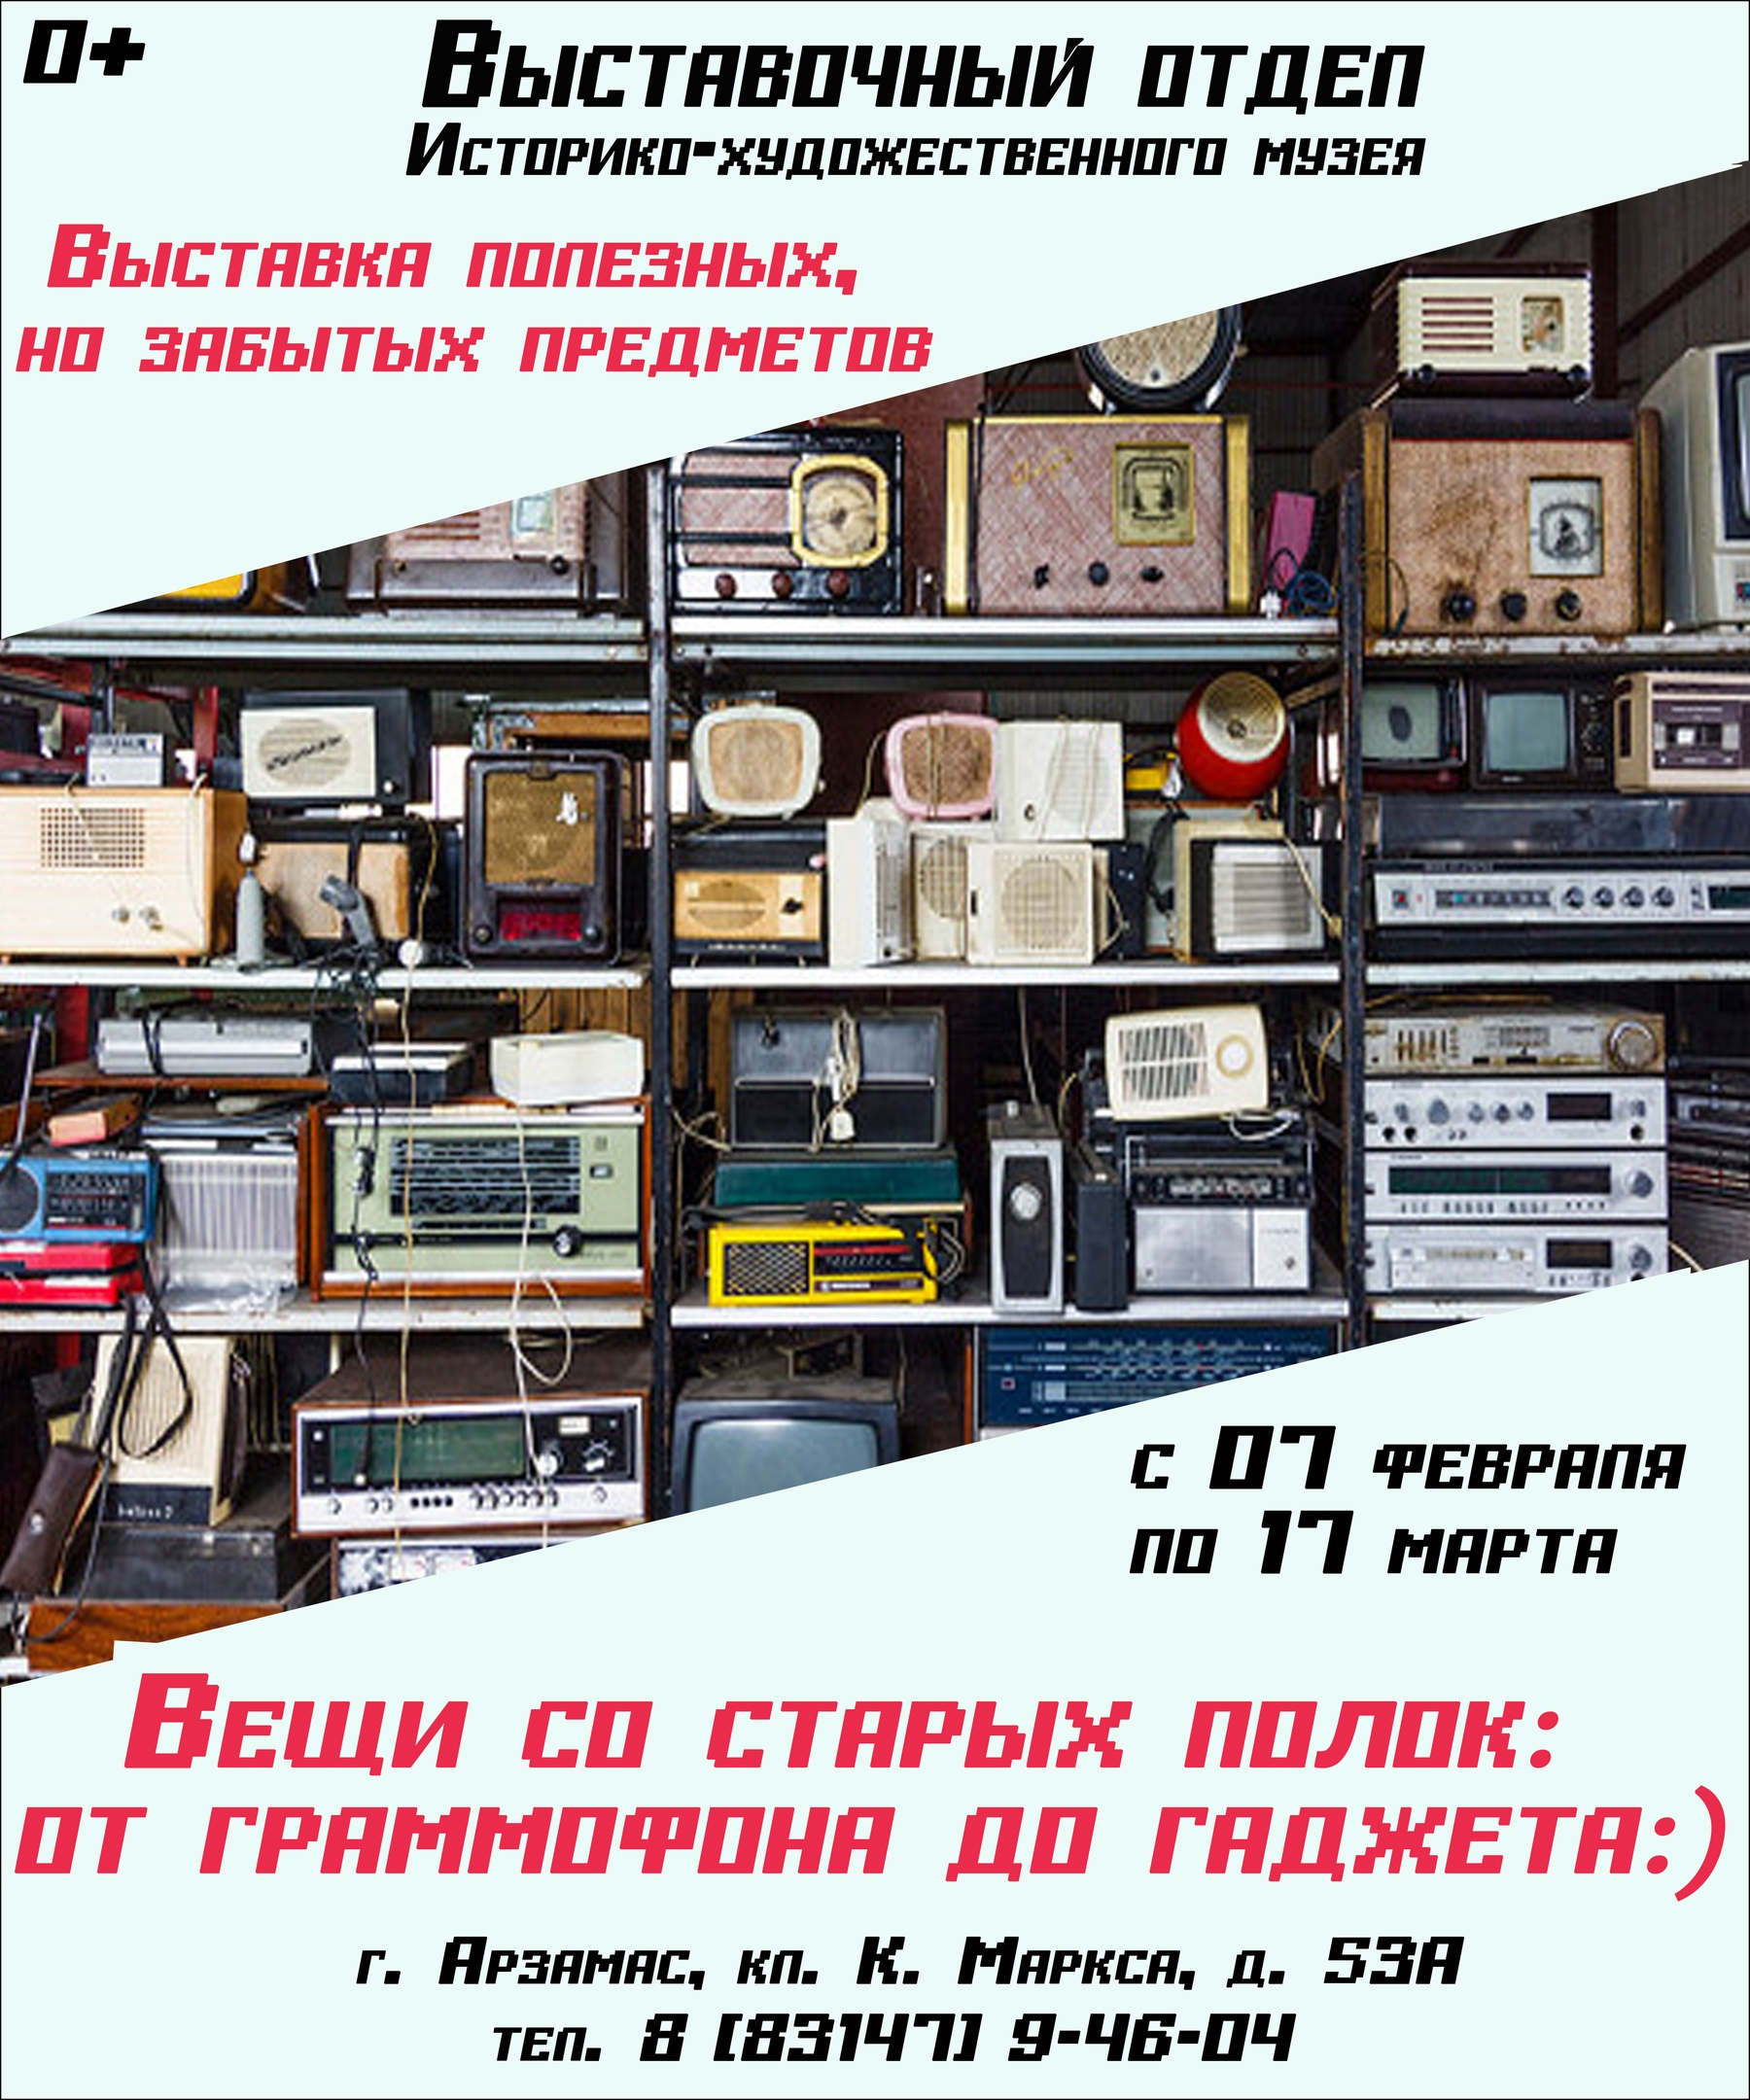 Выставка «Вещи со старых полок: от граммофона до гаджета» работает в Арзамасе